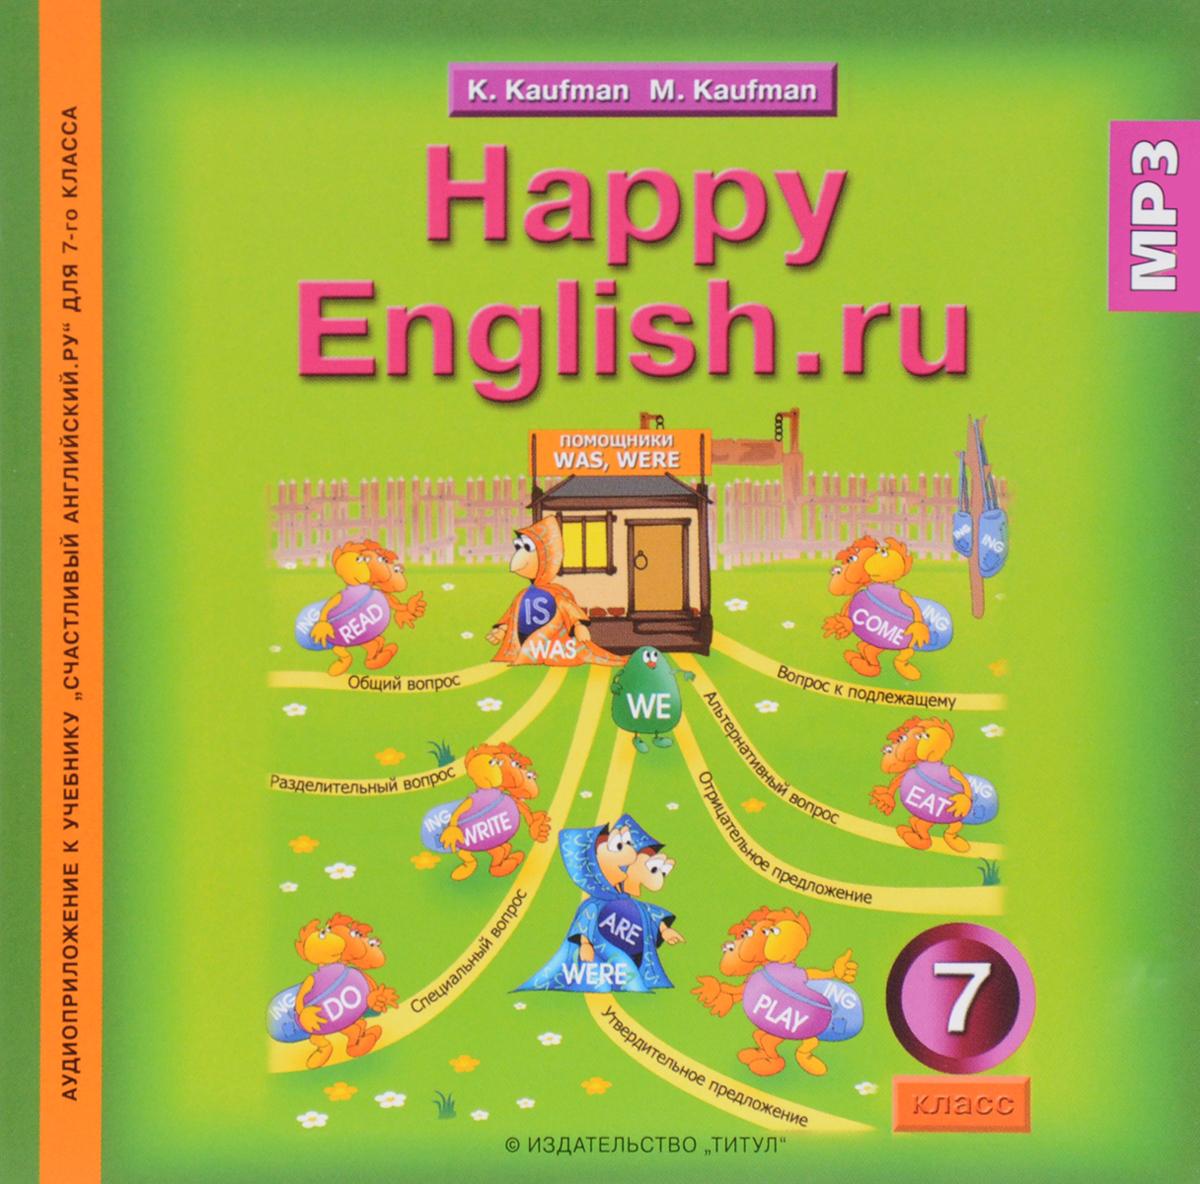 Happy English.ru 7 / Английский язык. 7 класс (аудиокурс MP3) артюхова и сост английский язык 7 класс